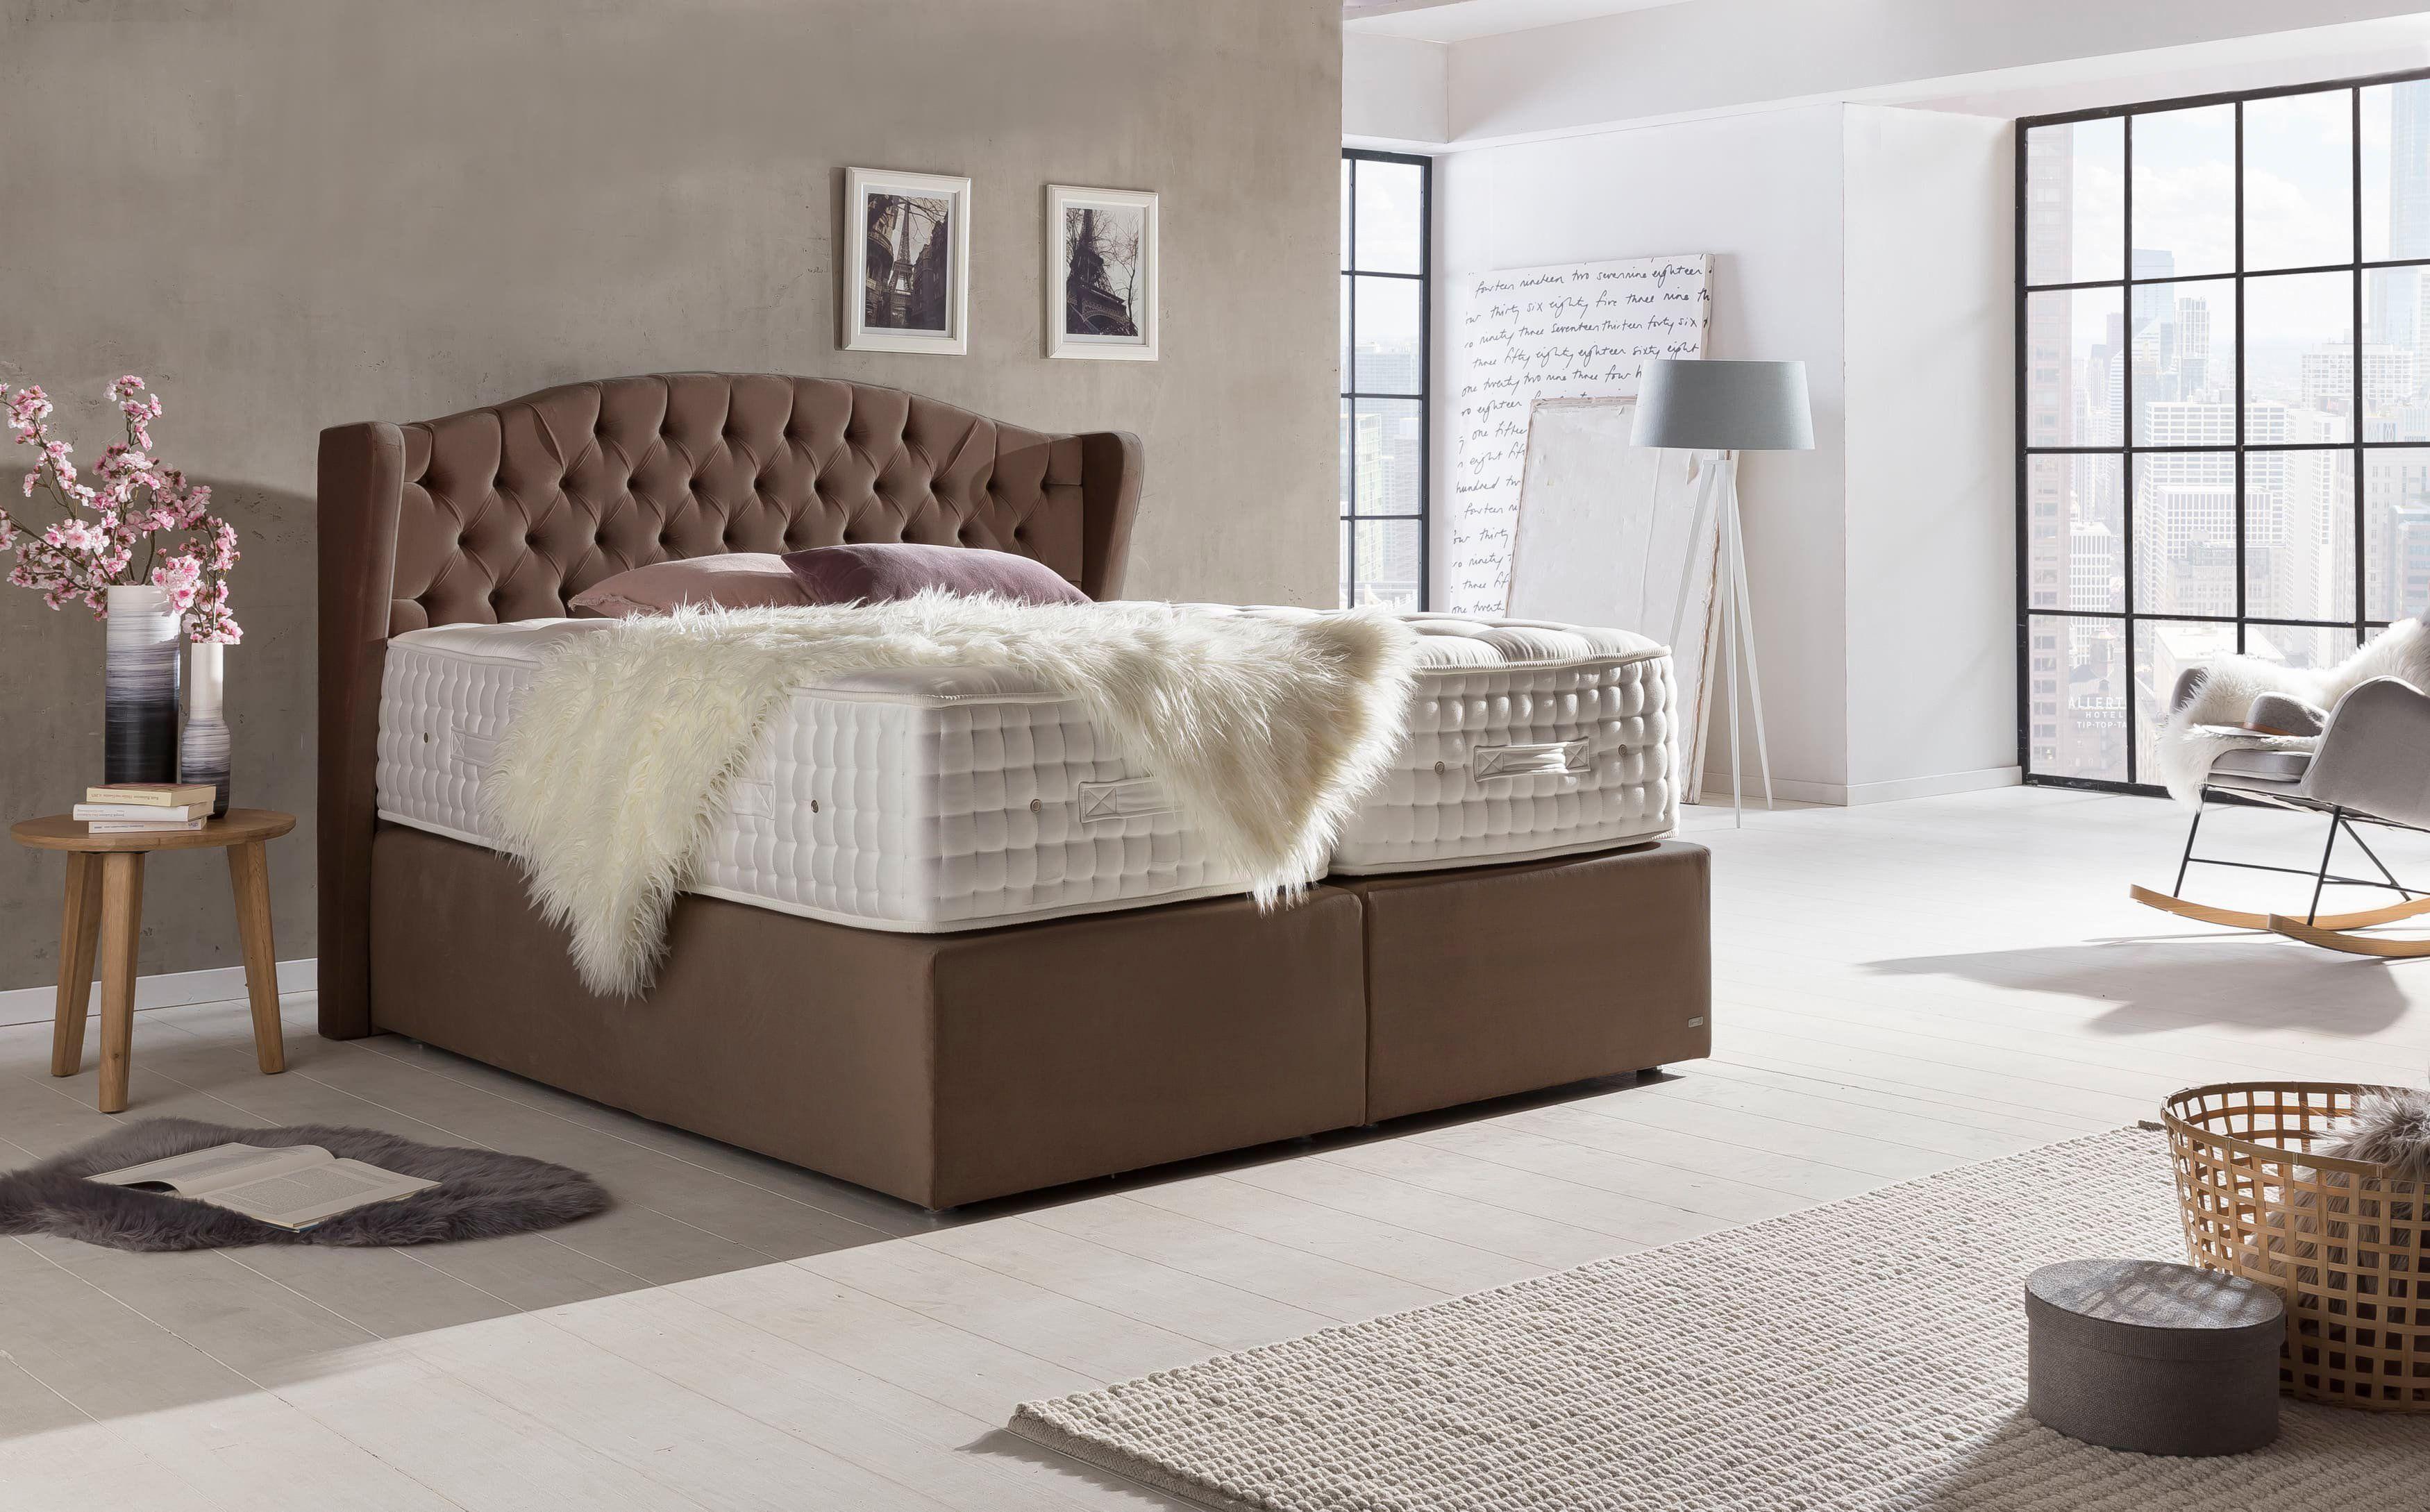 Unser Bett Majestat V Ab 2695 Home Decor Luxus Boxspringbetten